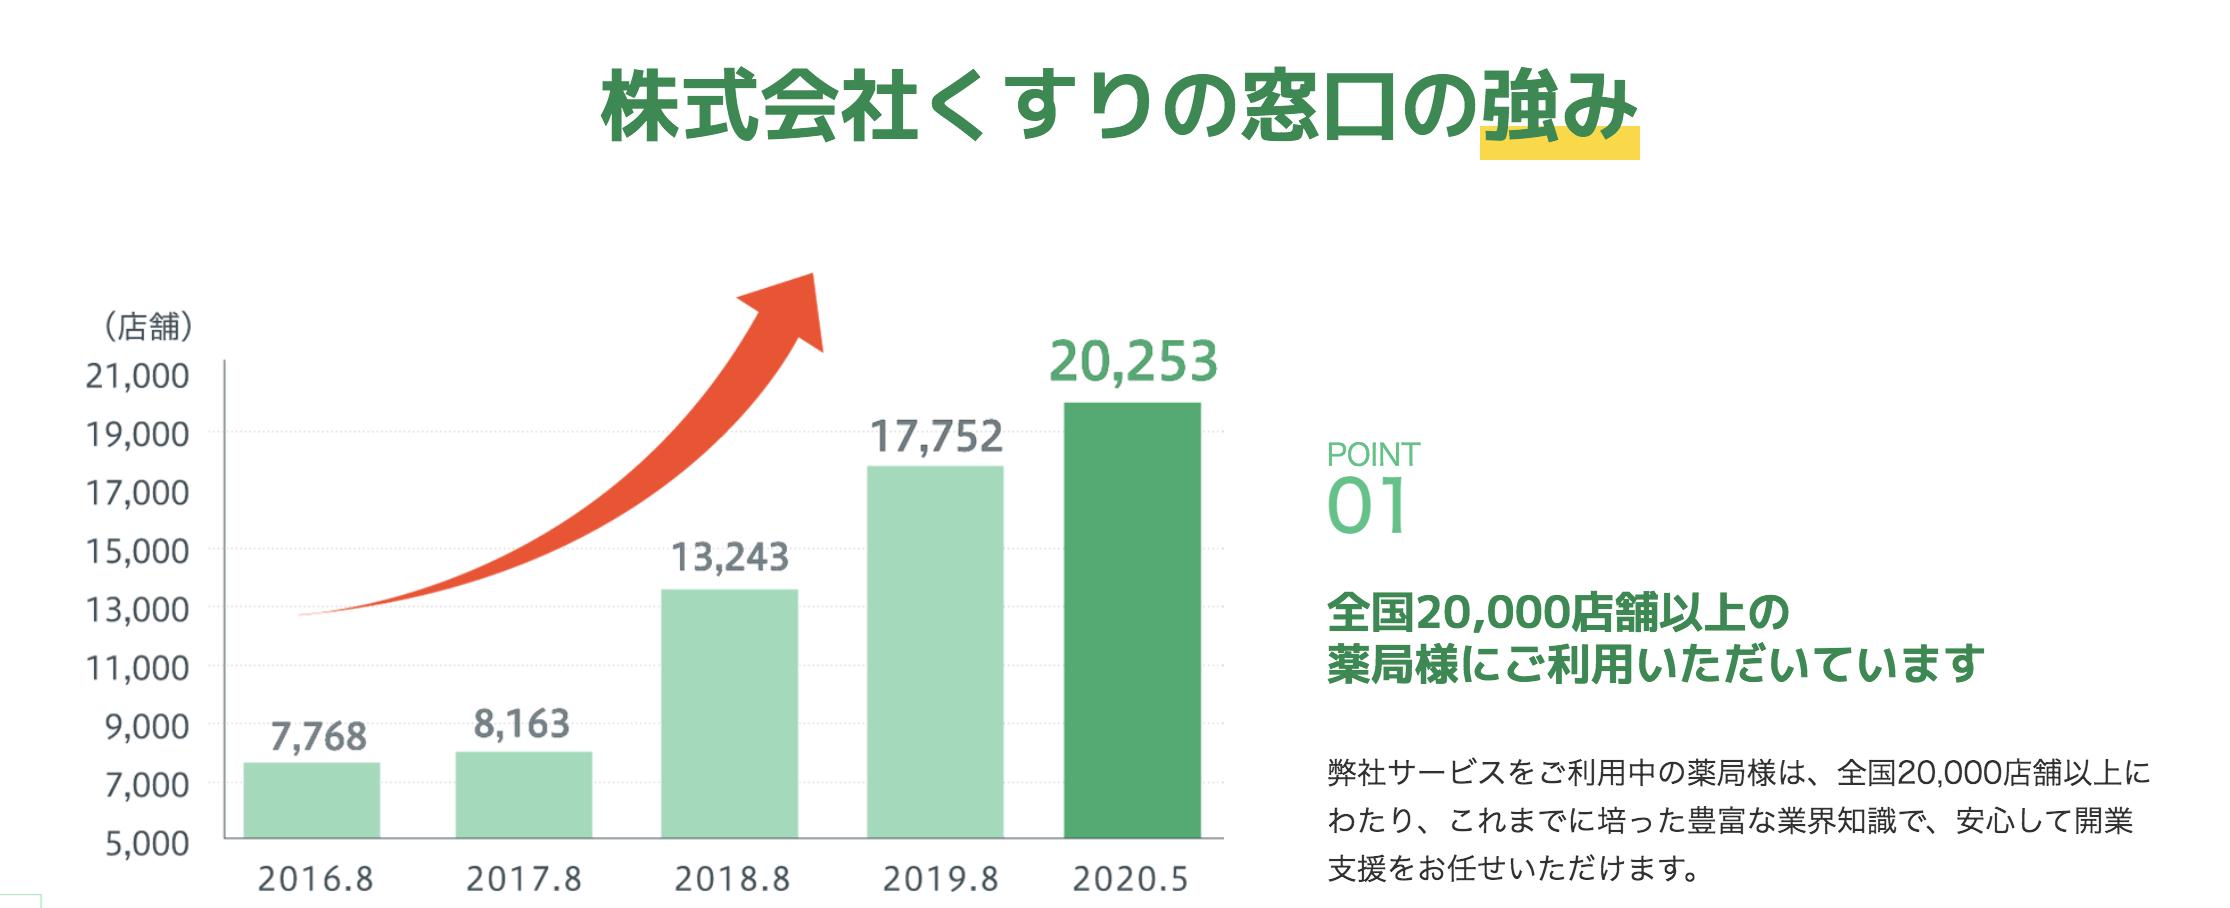 スクリーンショット 2021-02-21 0.48.04.png (319.7 kB)